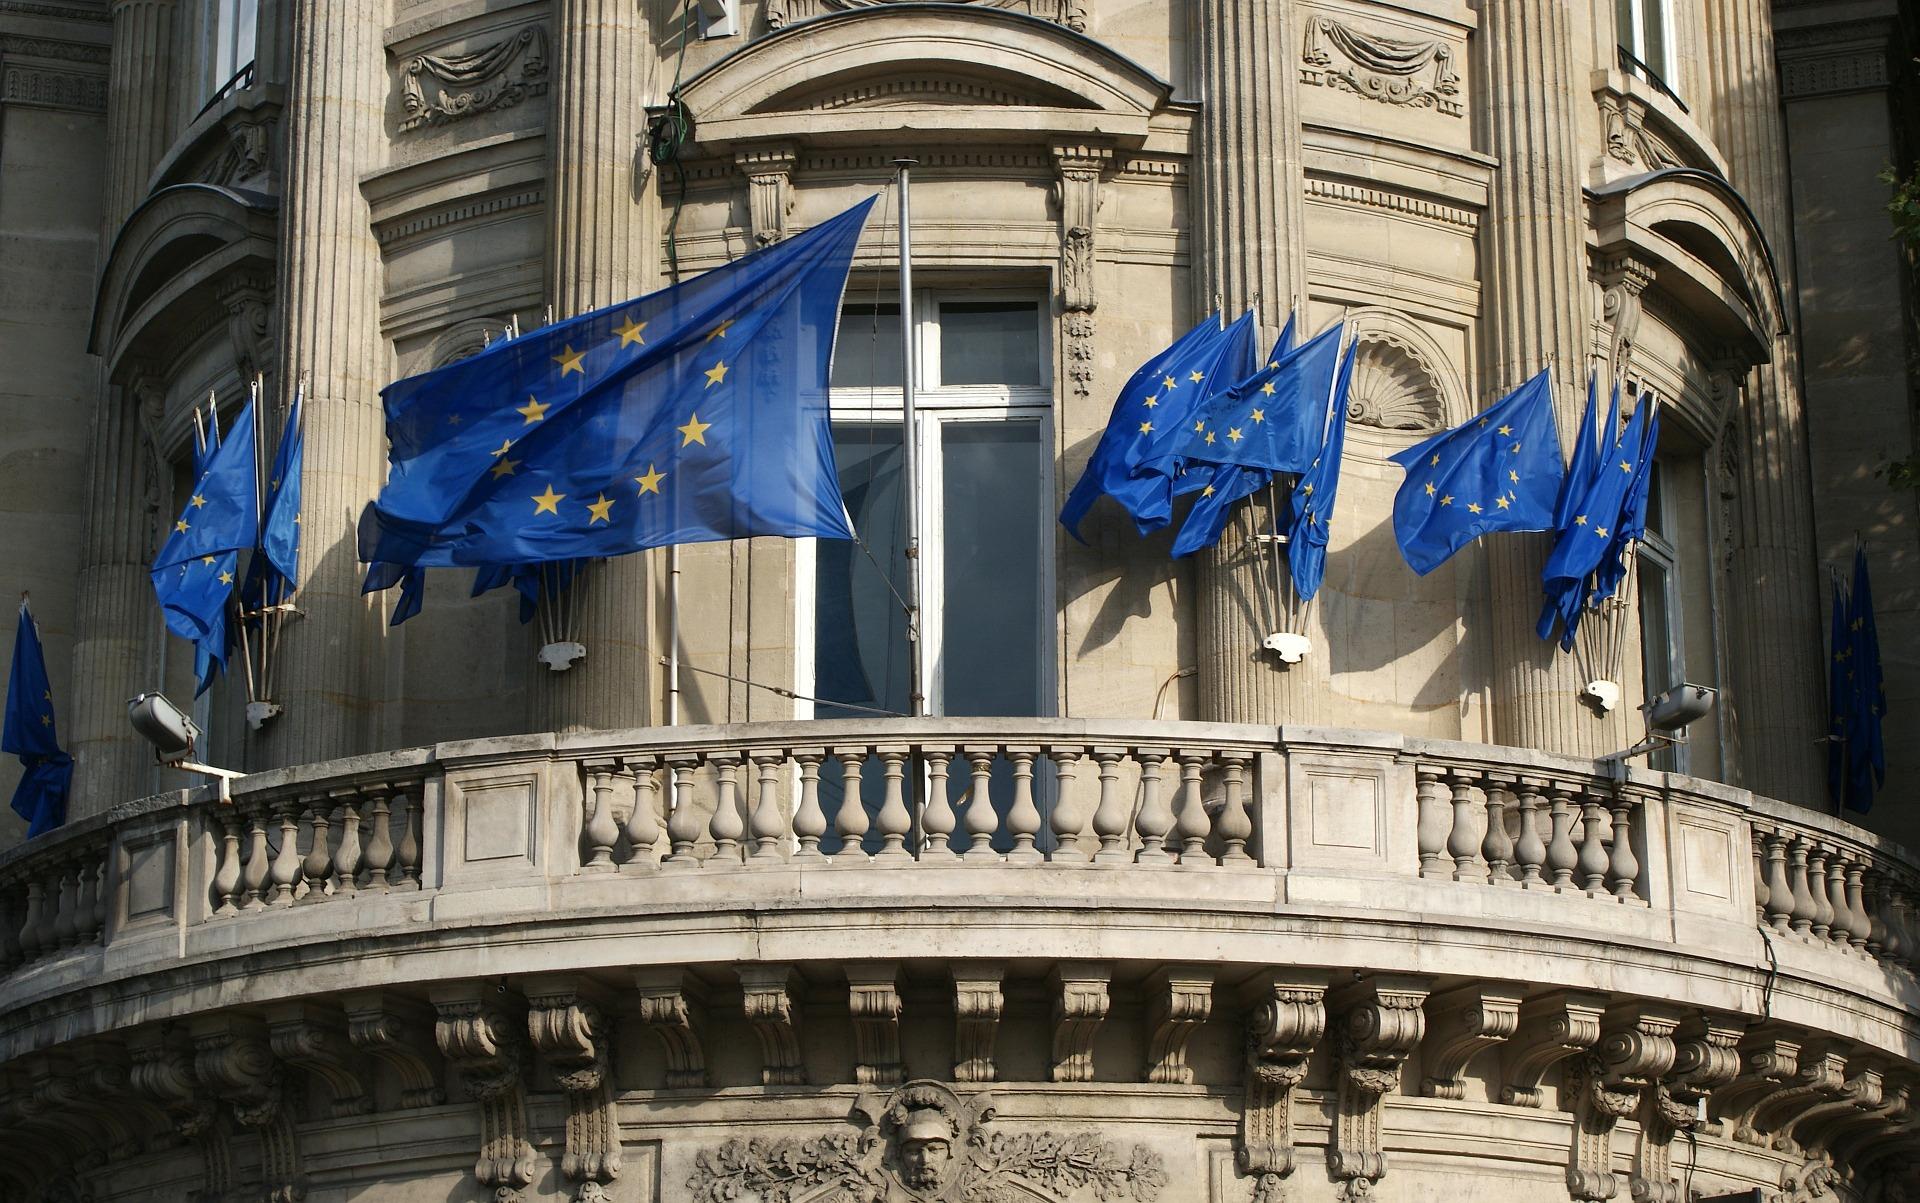 Europa: preciso de um visto de estudante?